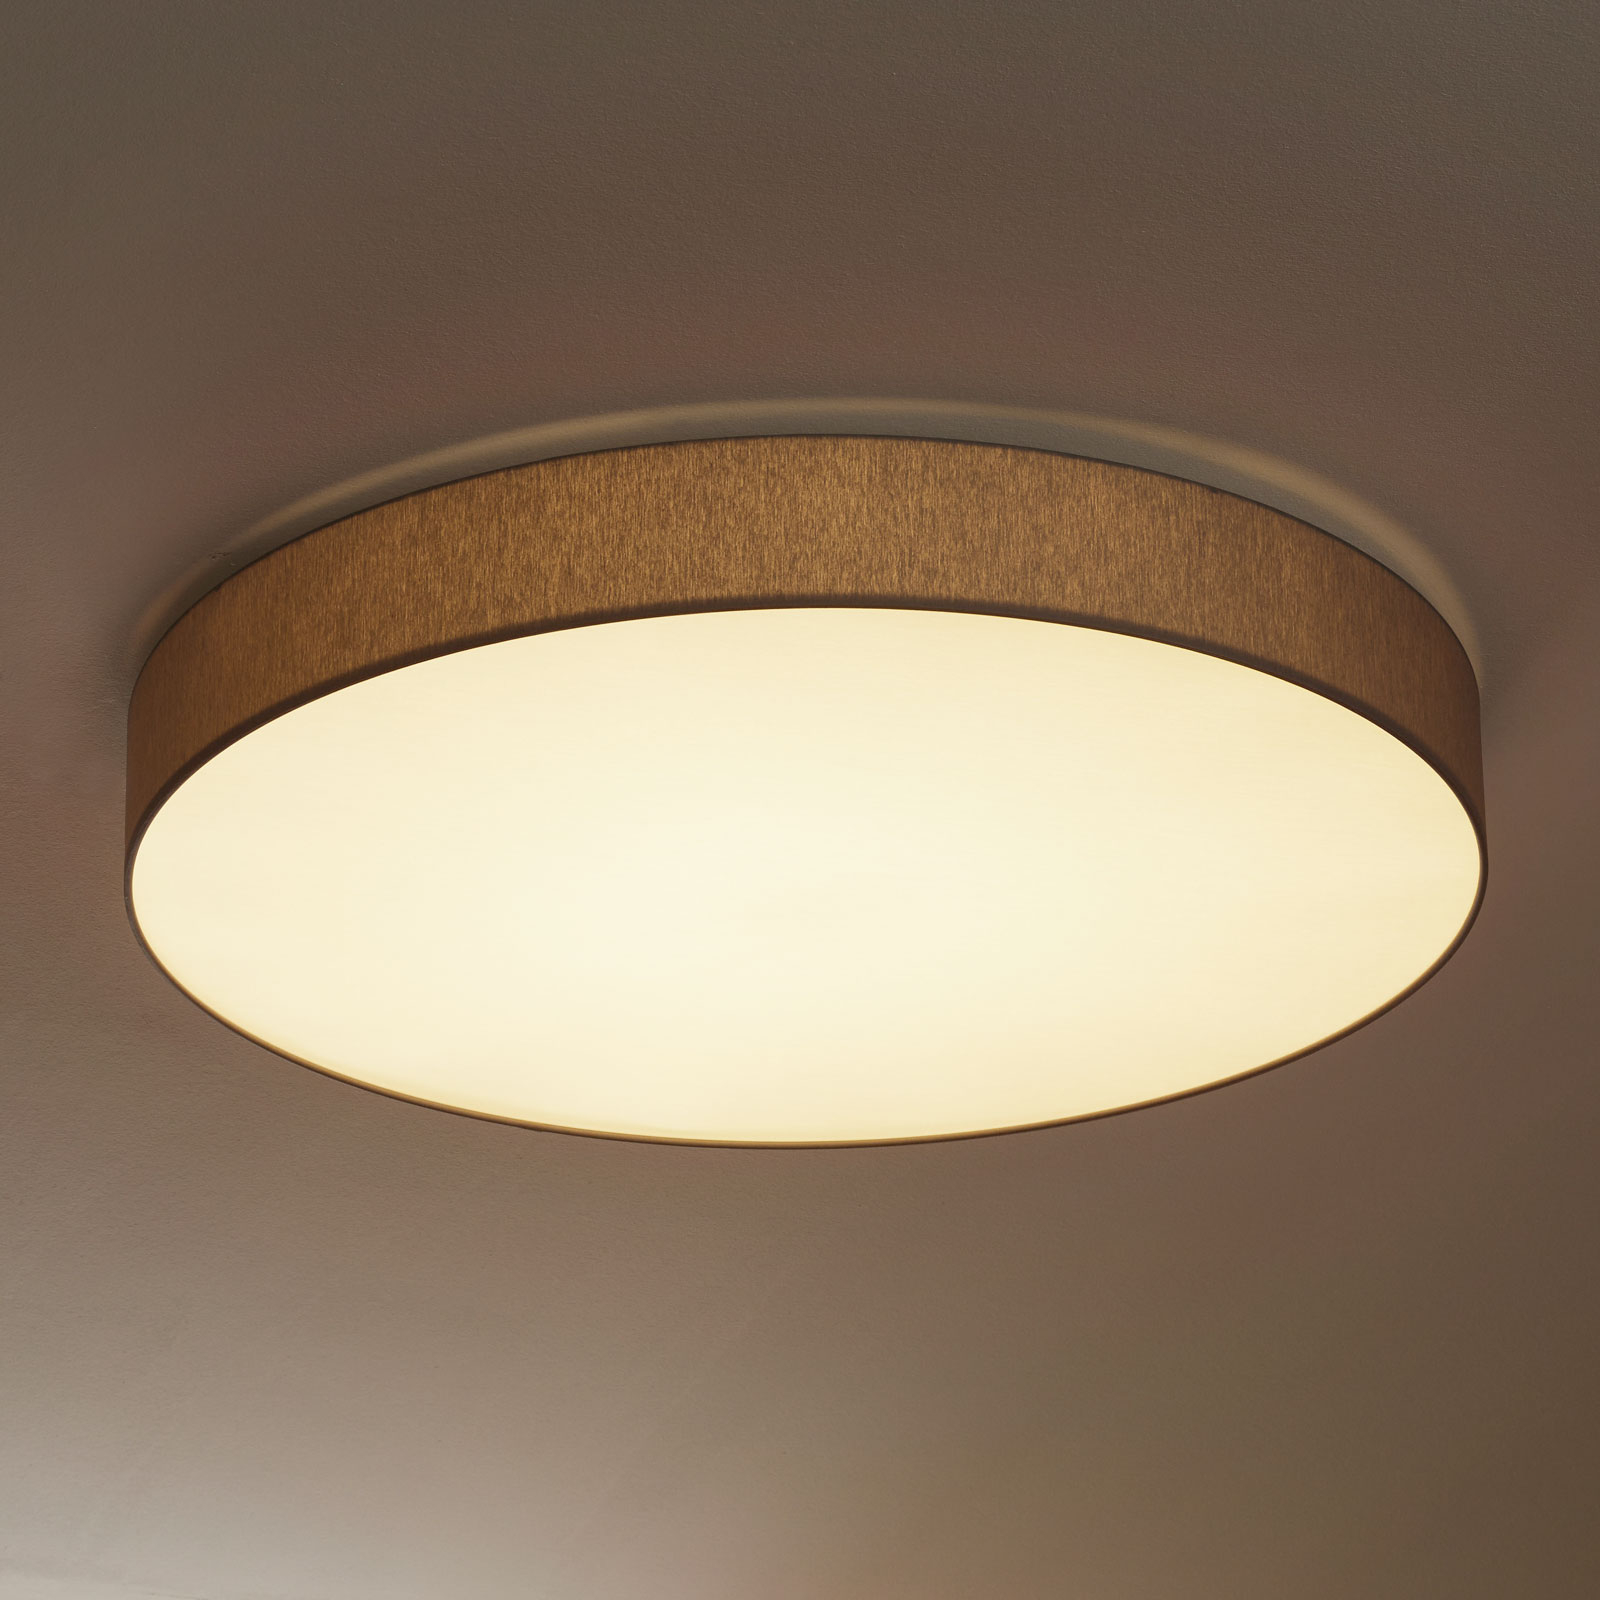 Runde LED-Deckenlampe Luno mit Dimmfunktion